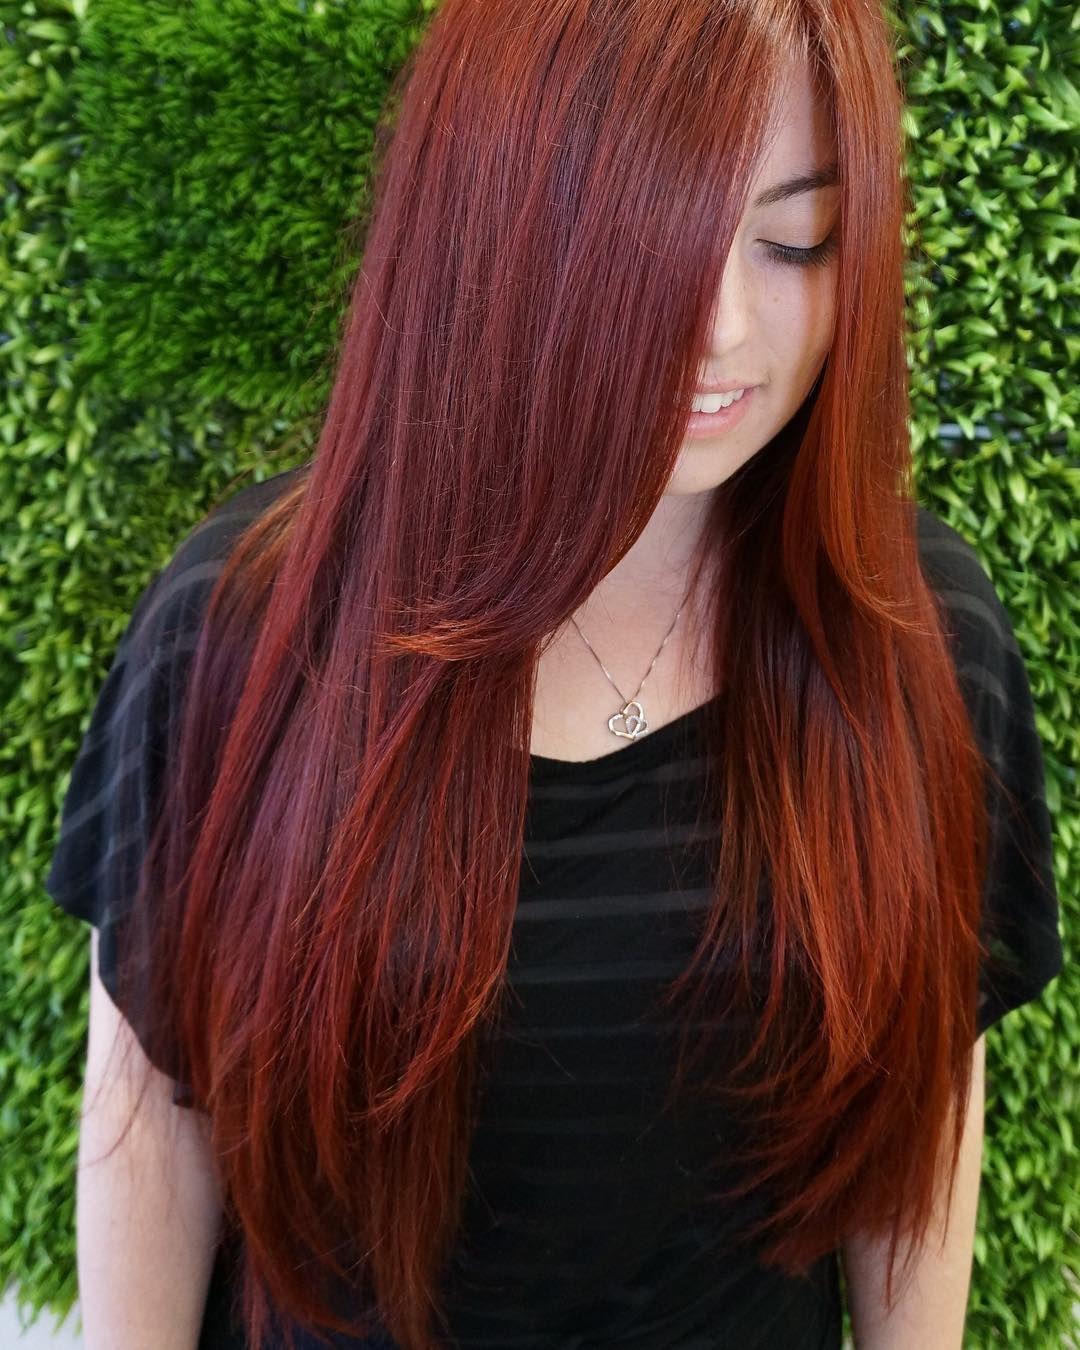 Red Hot Hairbyracheal Redhairdontcare Redhair Redkenobsessed Redkencreamshades Redken Red Fiery Red Hair Red Hair Don T Care Long Hair Styles